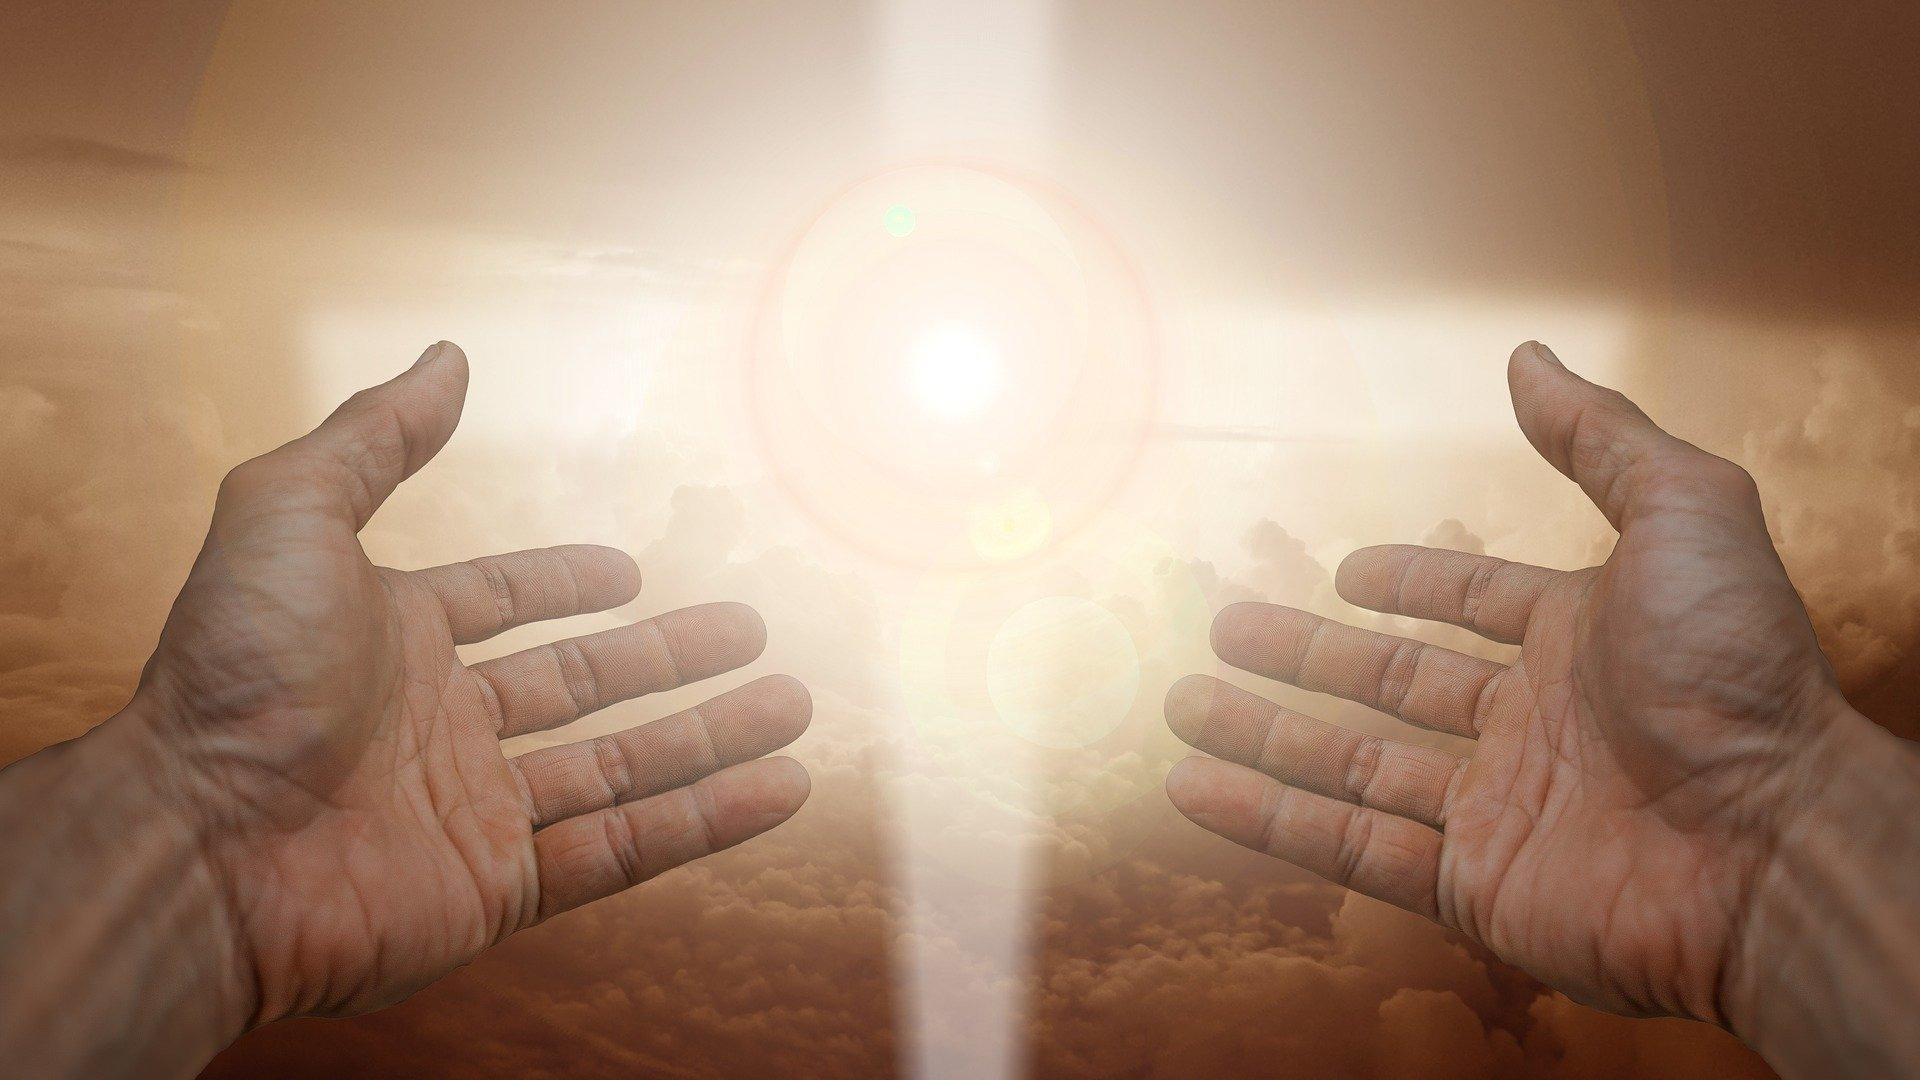 La luz de Dios es de un belleza indescriptible segun los protagonistas de experiencias cercanas a la muerte 1920